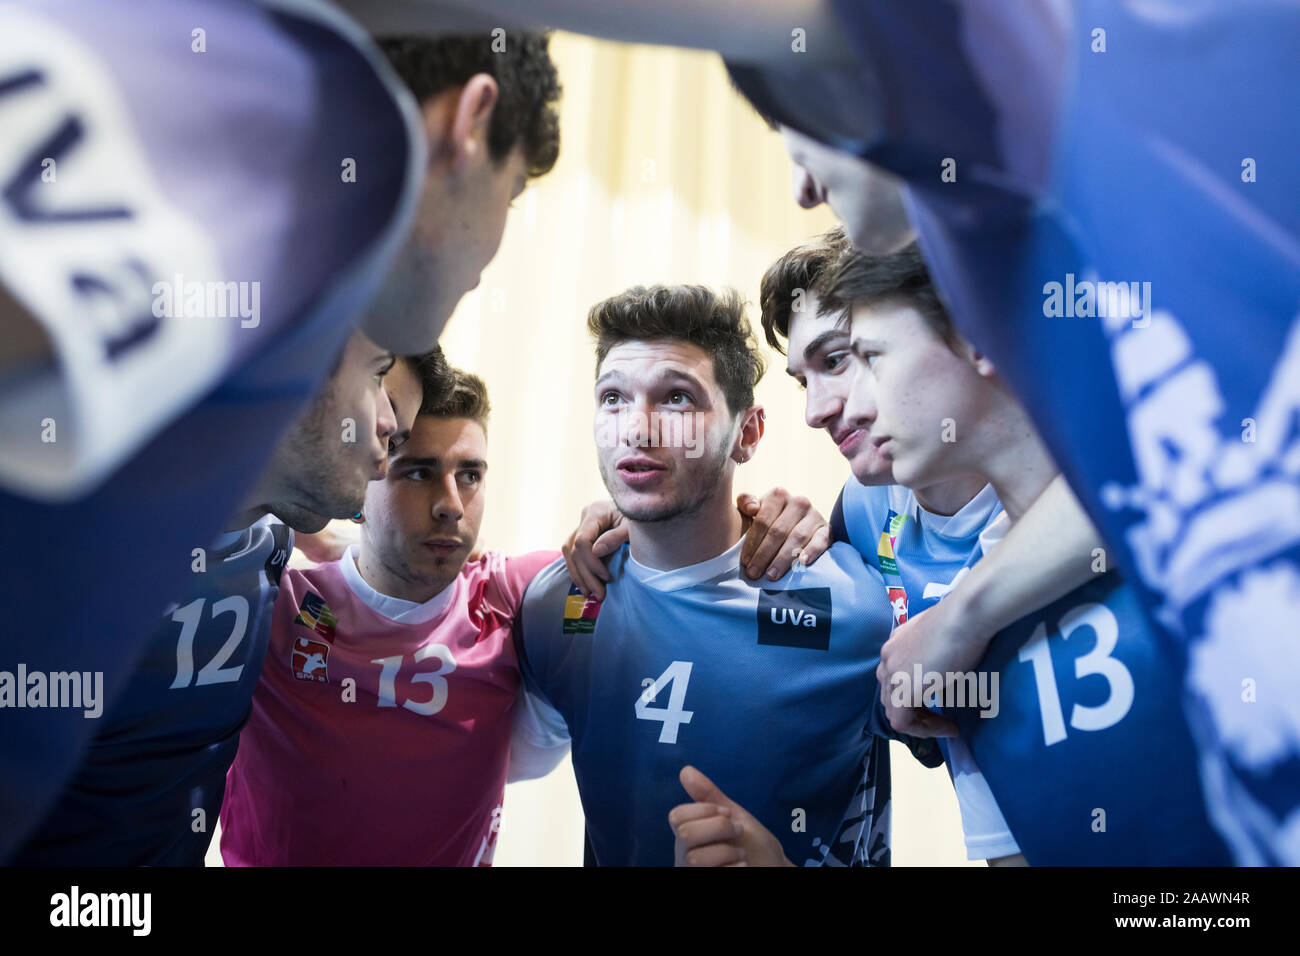 Equipo de voleibol preparando la estrategia de juego antes de una coincidencia de voleibol Foto de stock